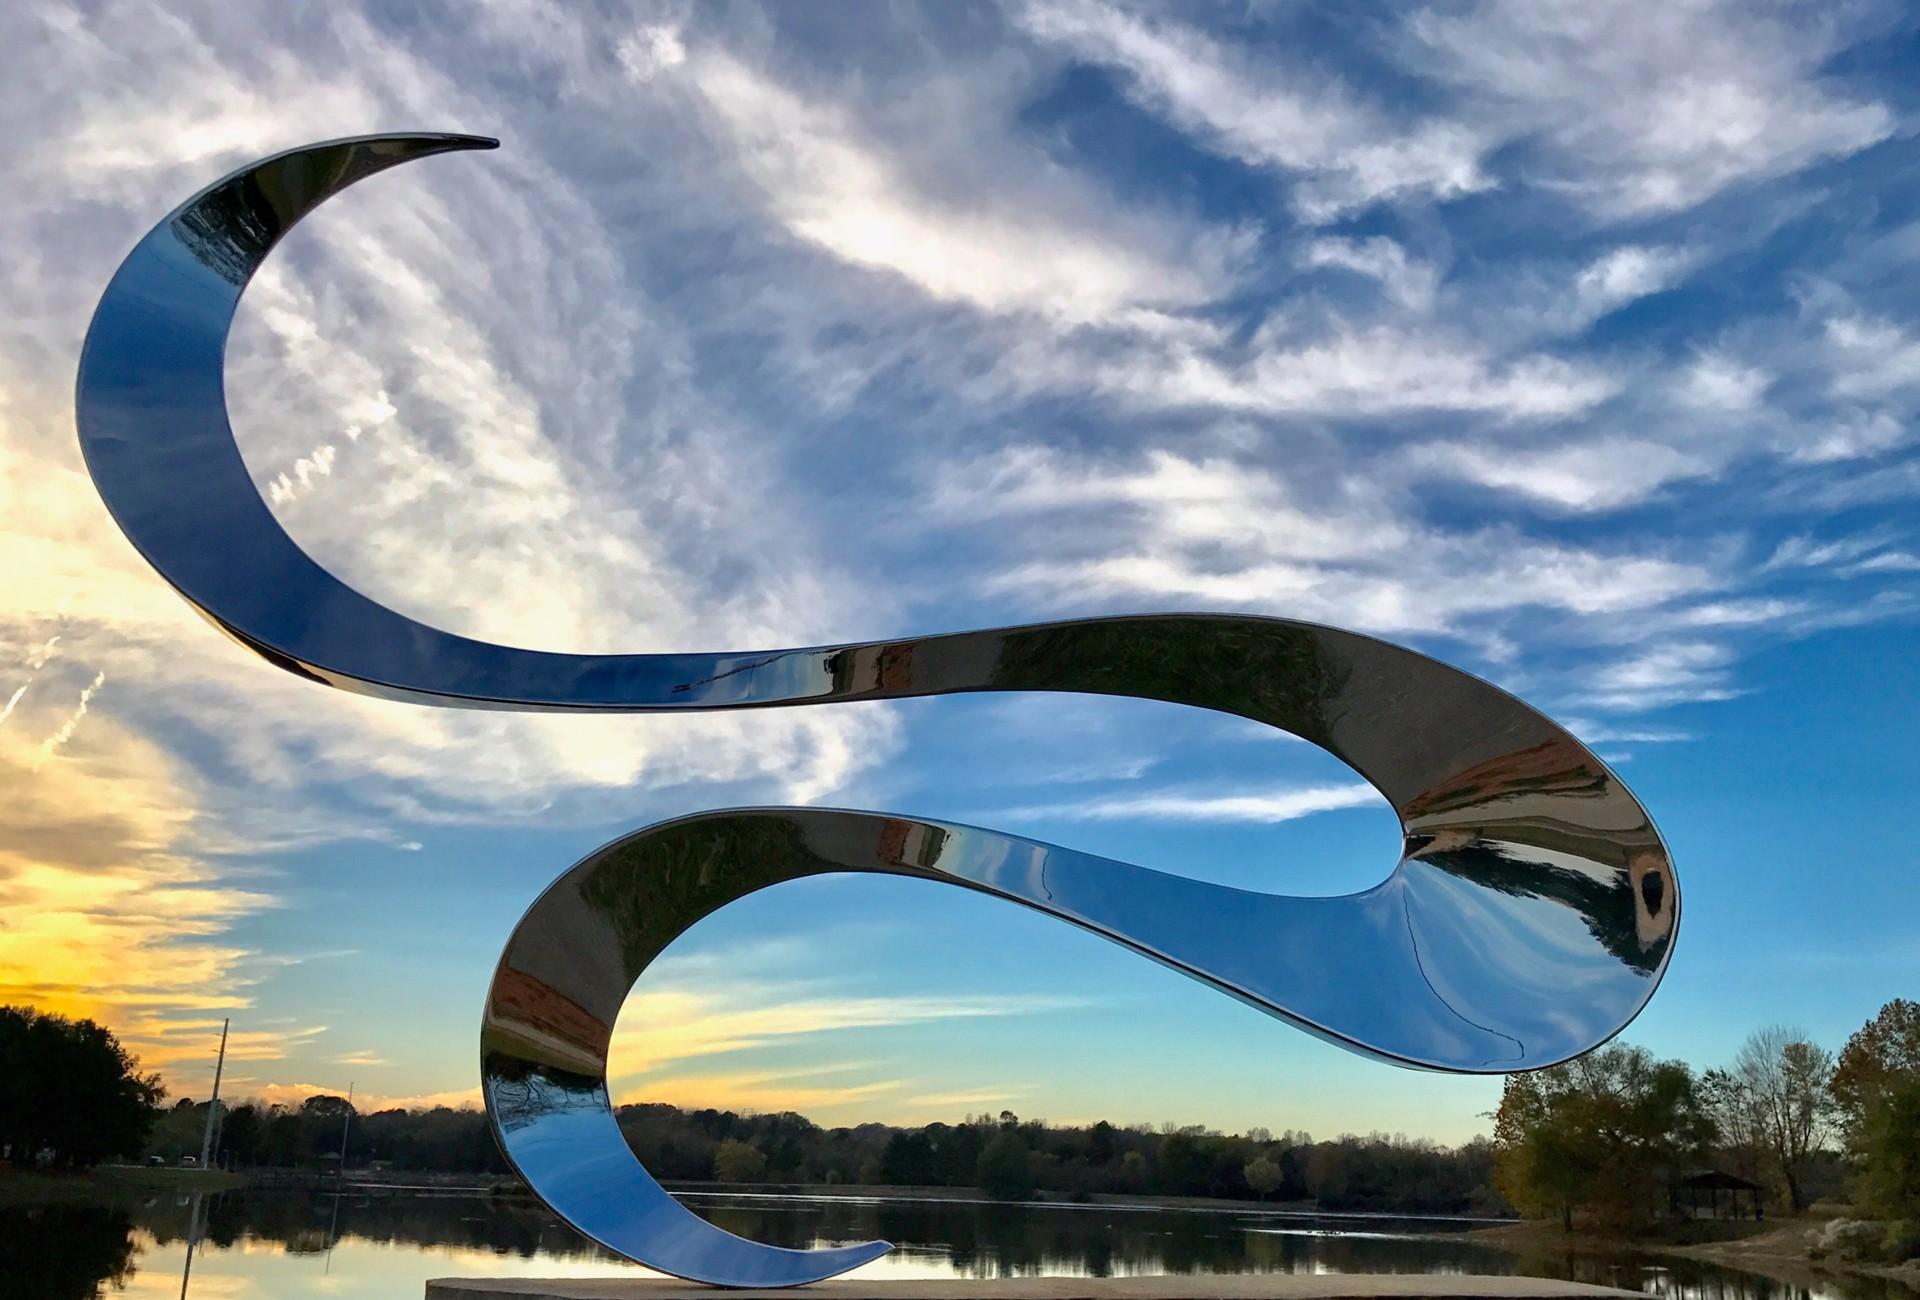 Leap of Faith by Ryan T. Schmidt